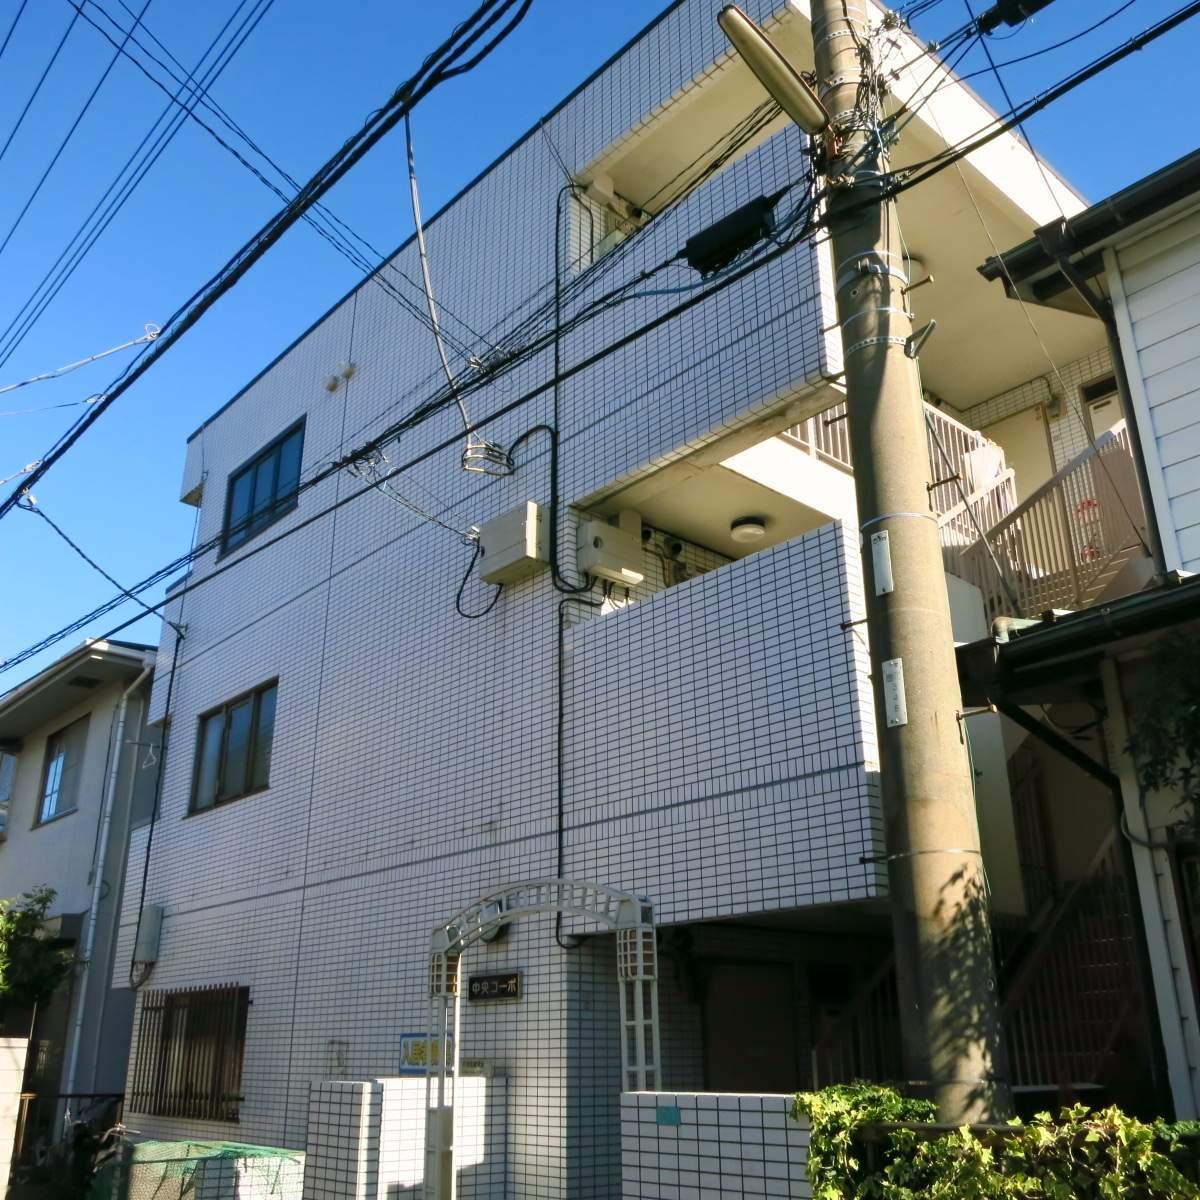 神奈川県相模原市南区、相模大野駅徒歩13分の築26年 3階建の賃貸マンション